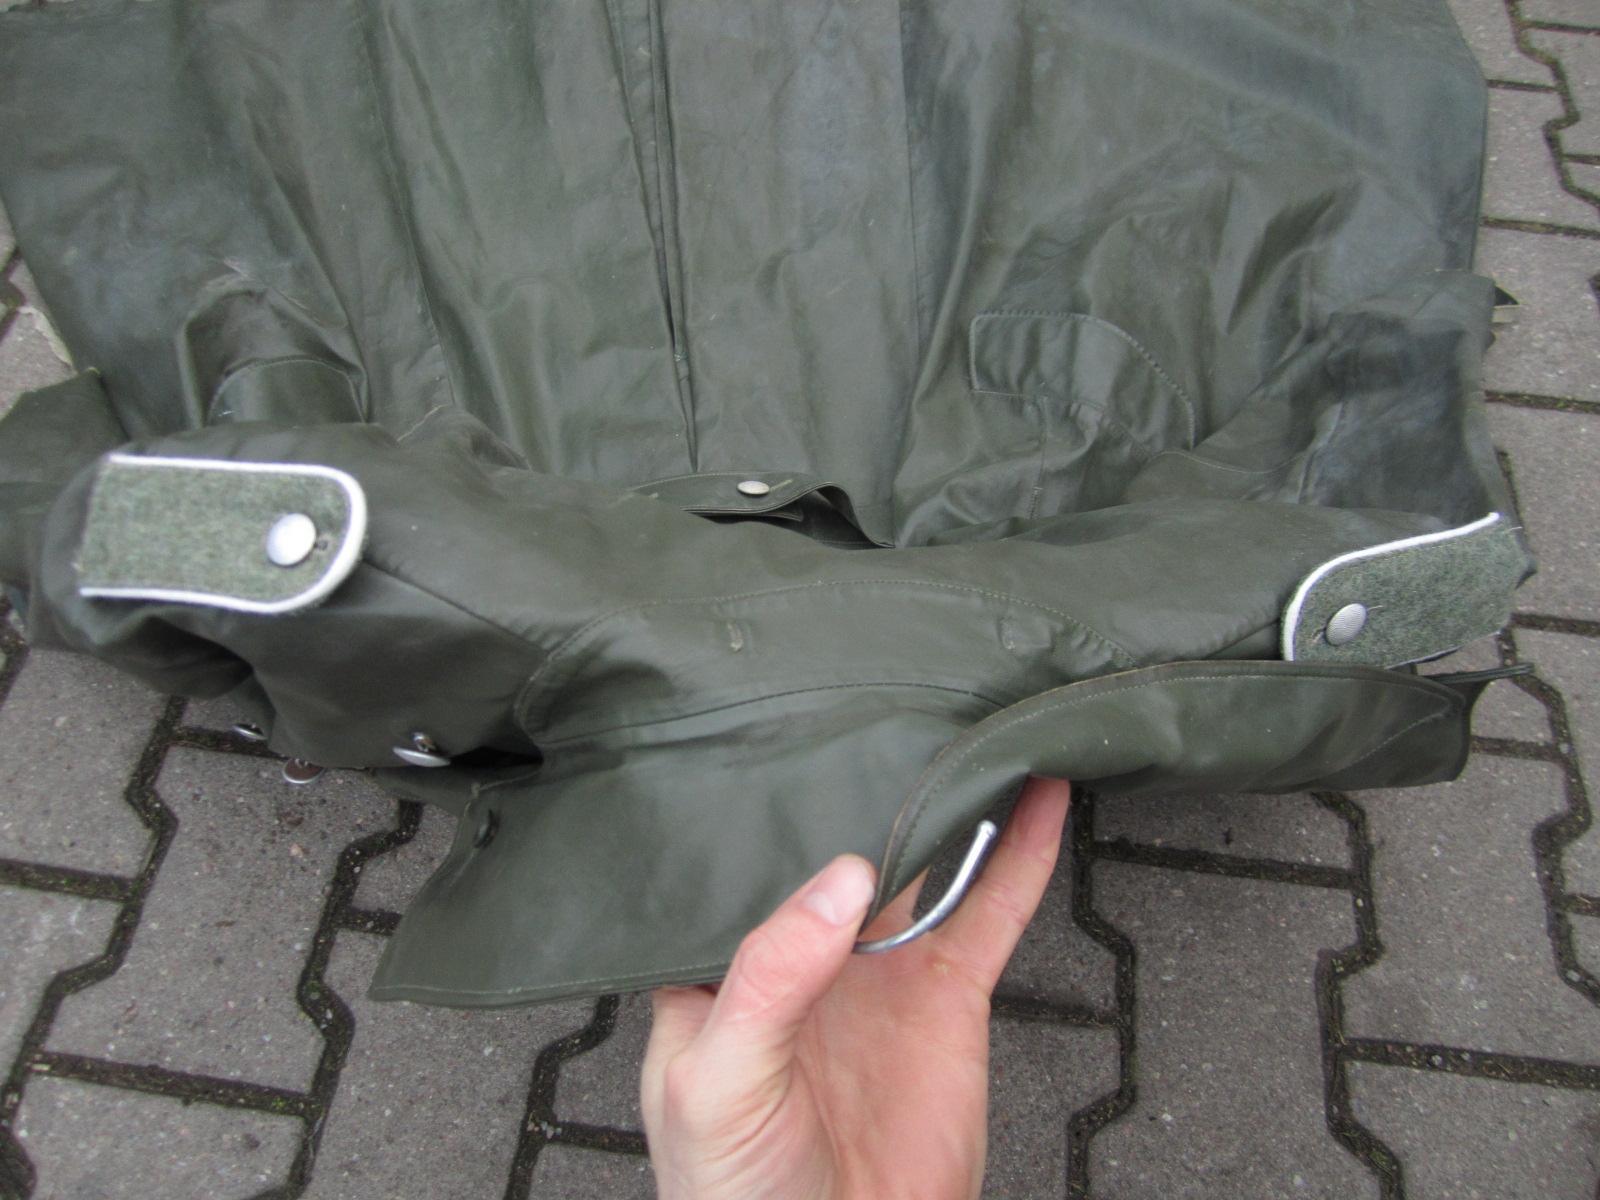 Identification Manteau de pluie WH 407b0ad5-5e40-46c2-9403-85adcf8bf829